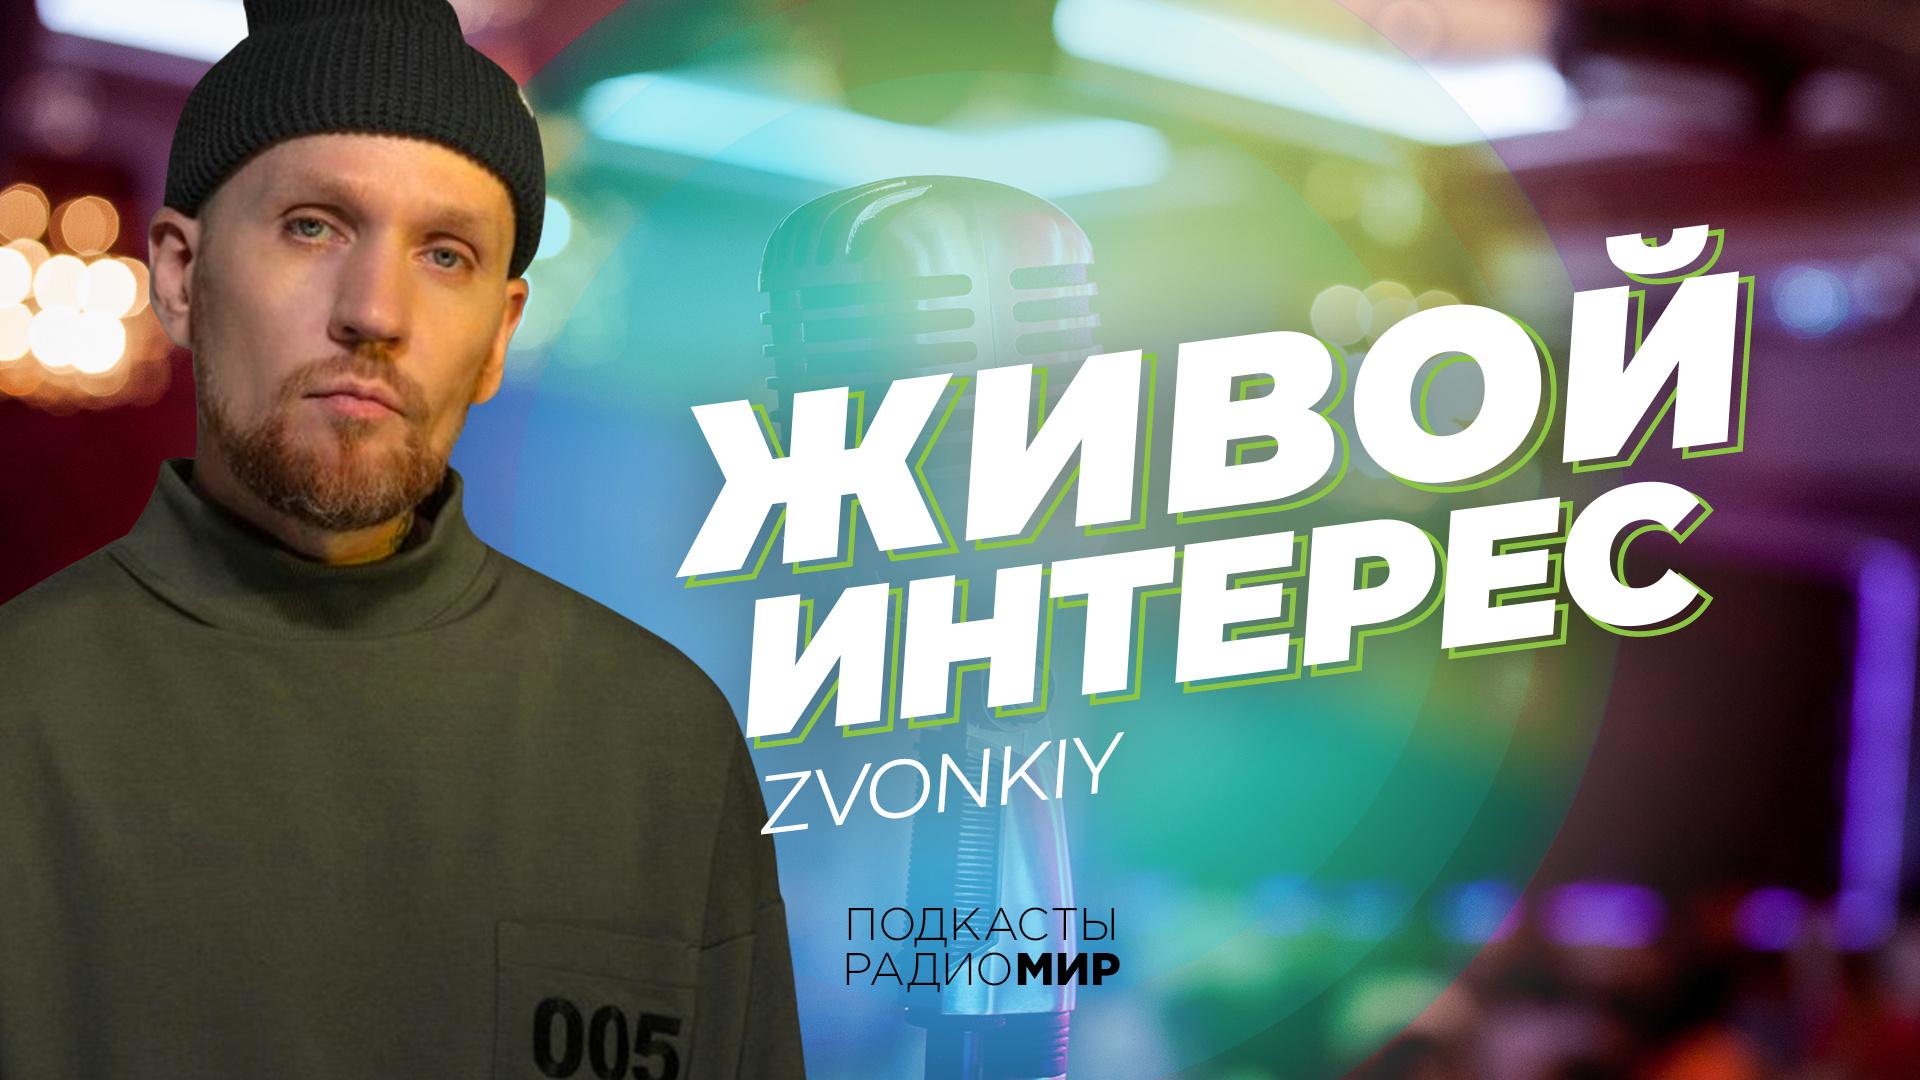 Андрей Звонкий: «У меня сердце всегда кем-то занято, иначе песни бы не получались»